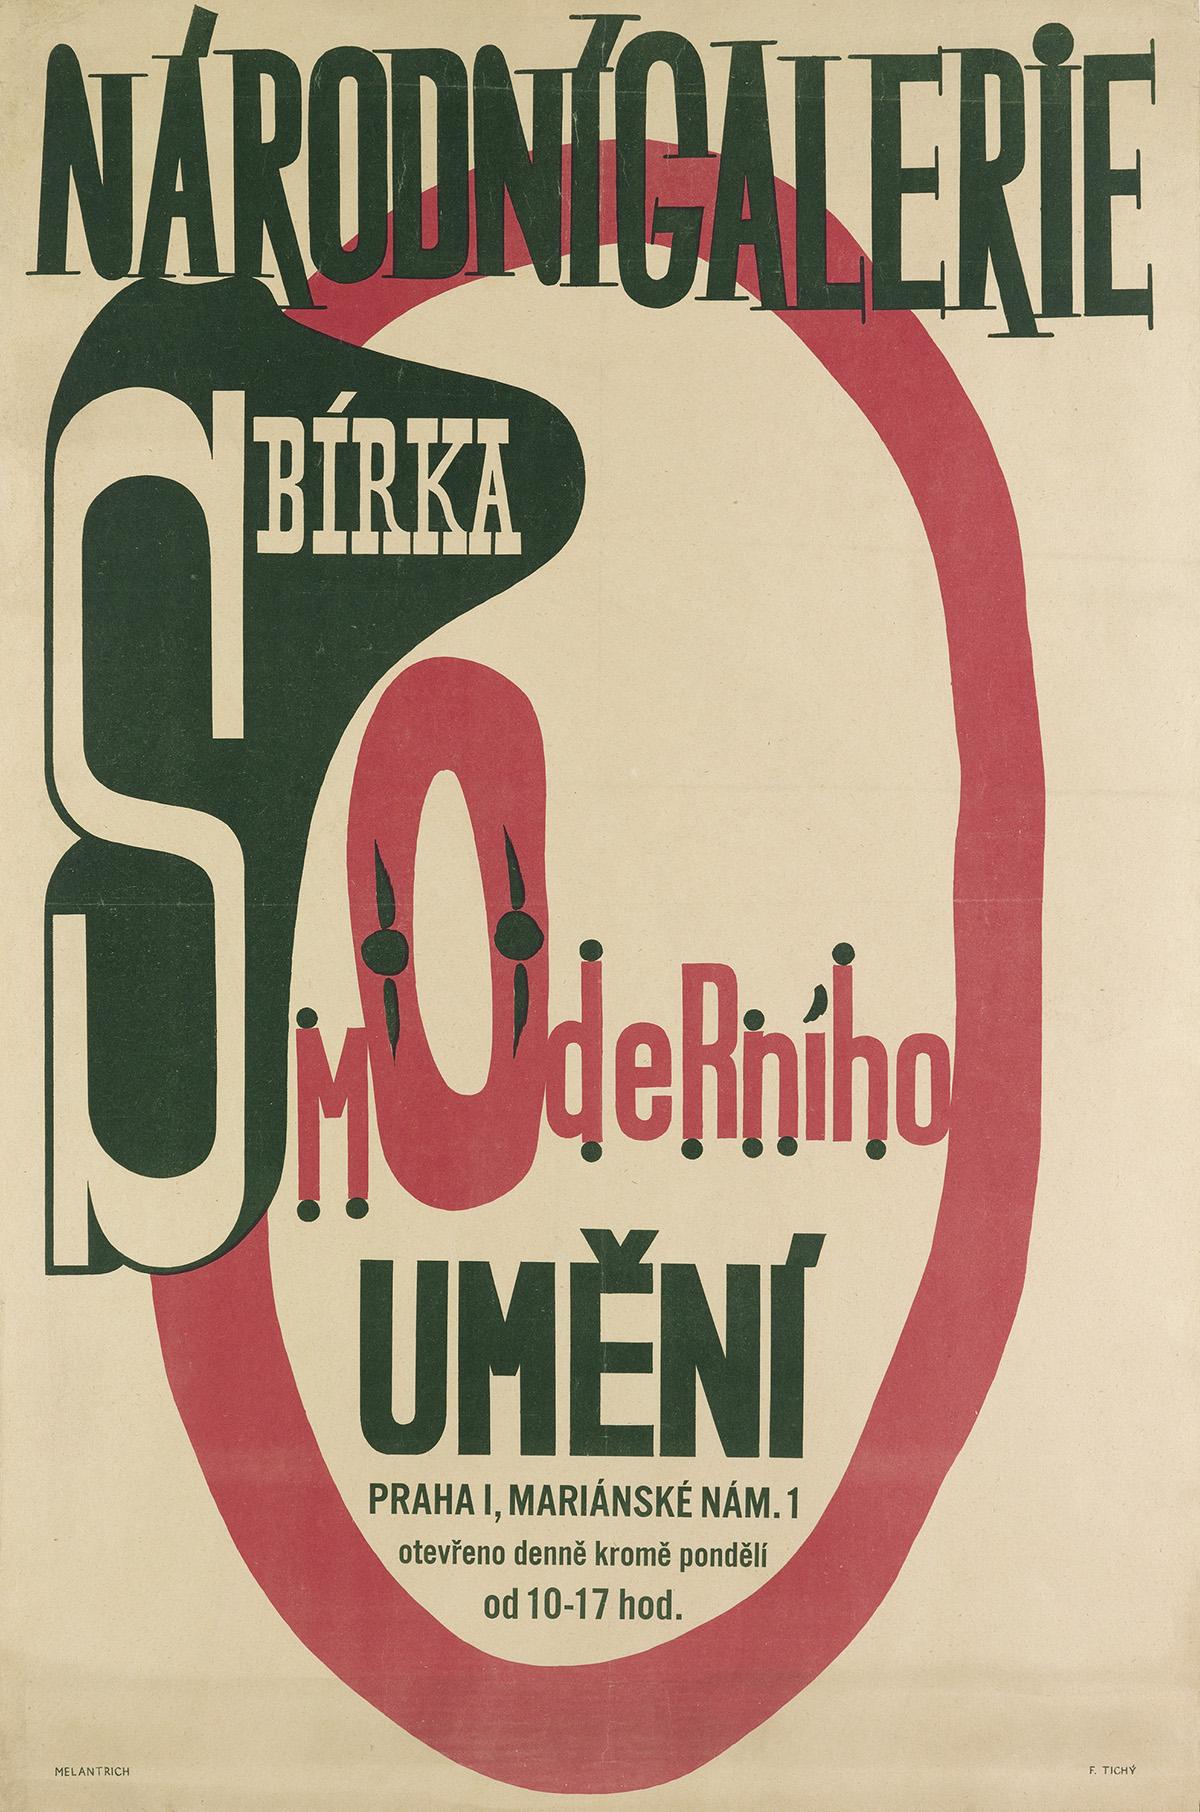 FRANTISEK-TICHY-(1896-1961)-NARODNI-GALERIE--SBIRKA-MODERNIH